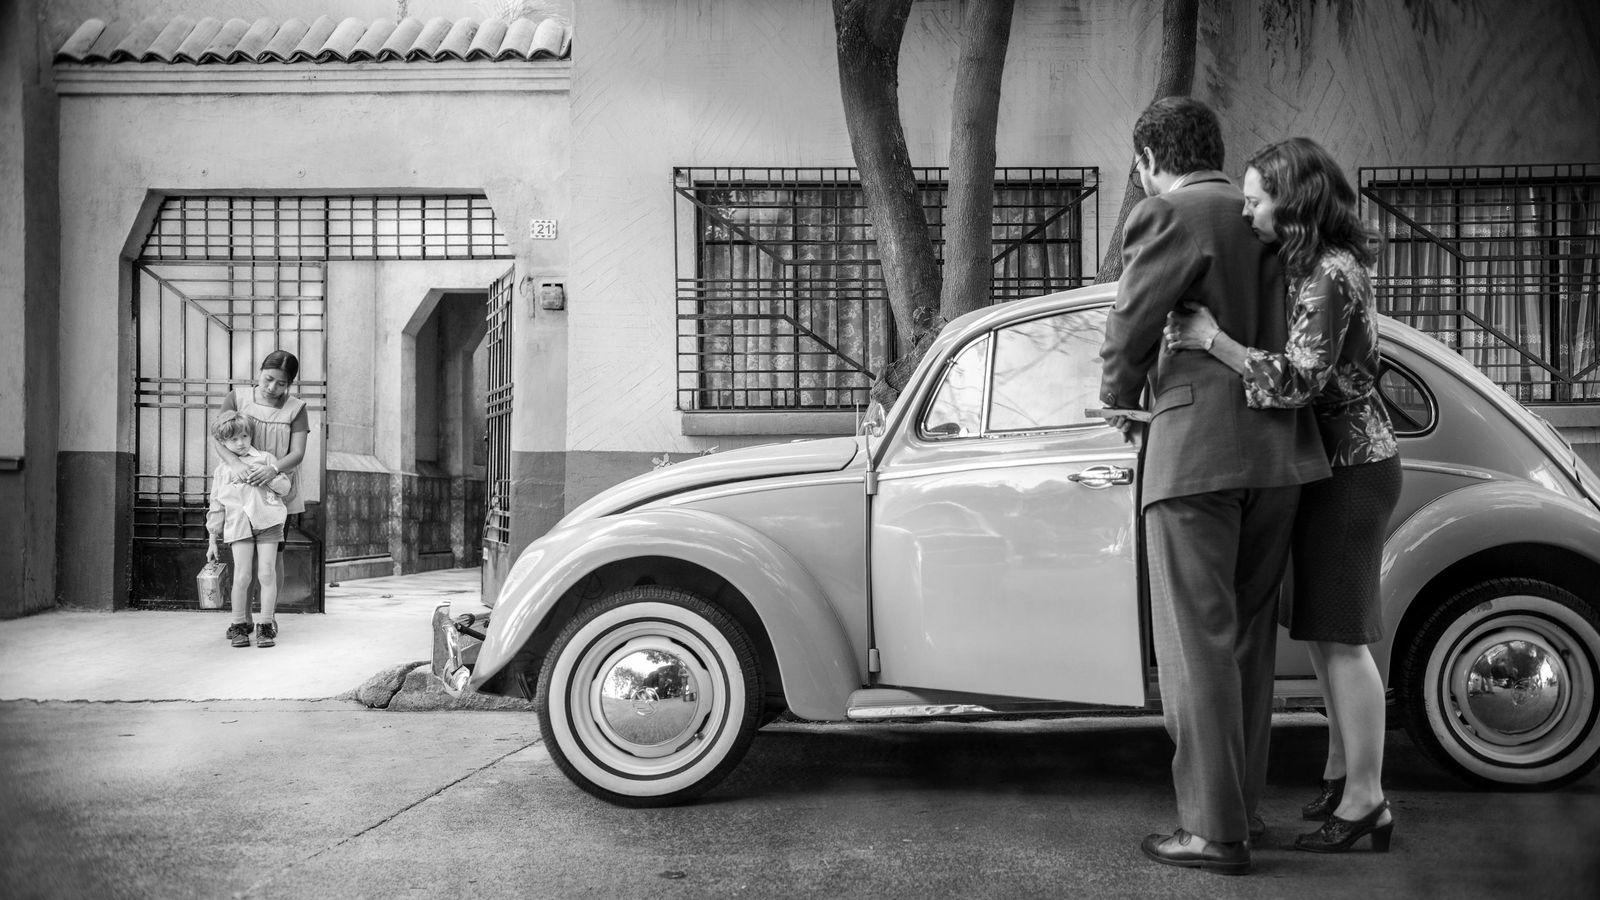 Szenenbild aus dem Film Roma von Alfonso Cuarón mit einem Käfer und einem Ehepaar vor einer Einfahrt